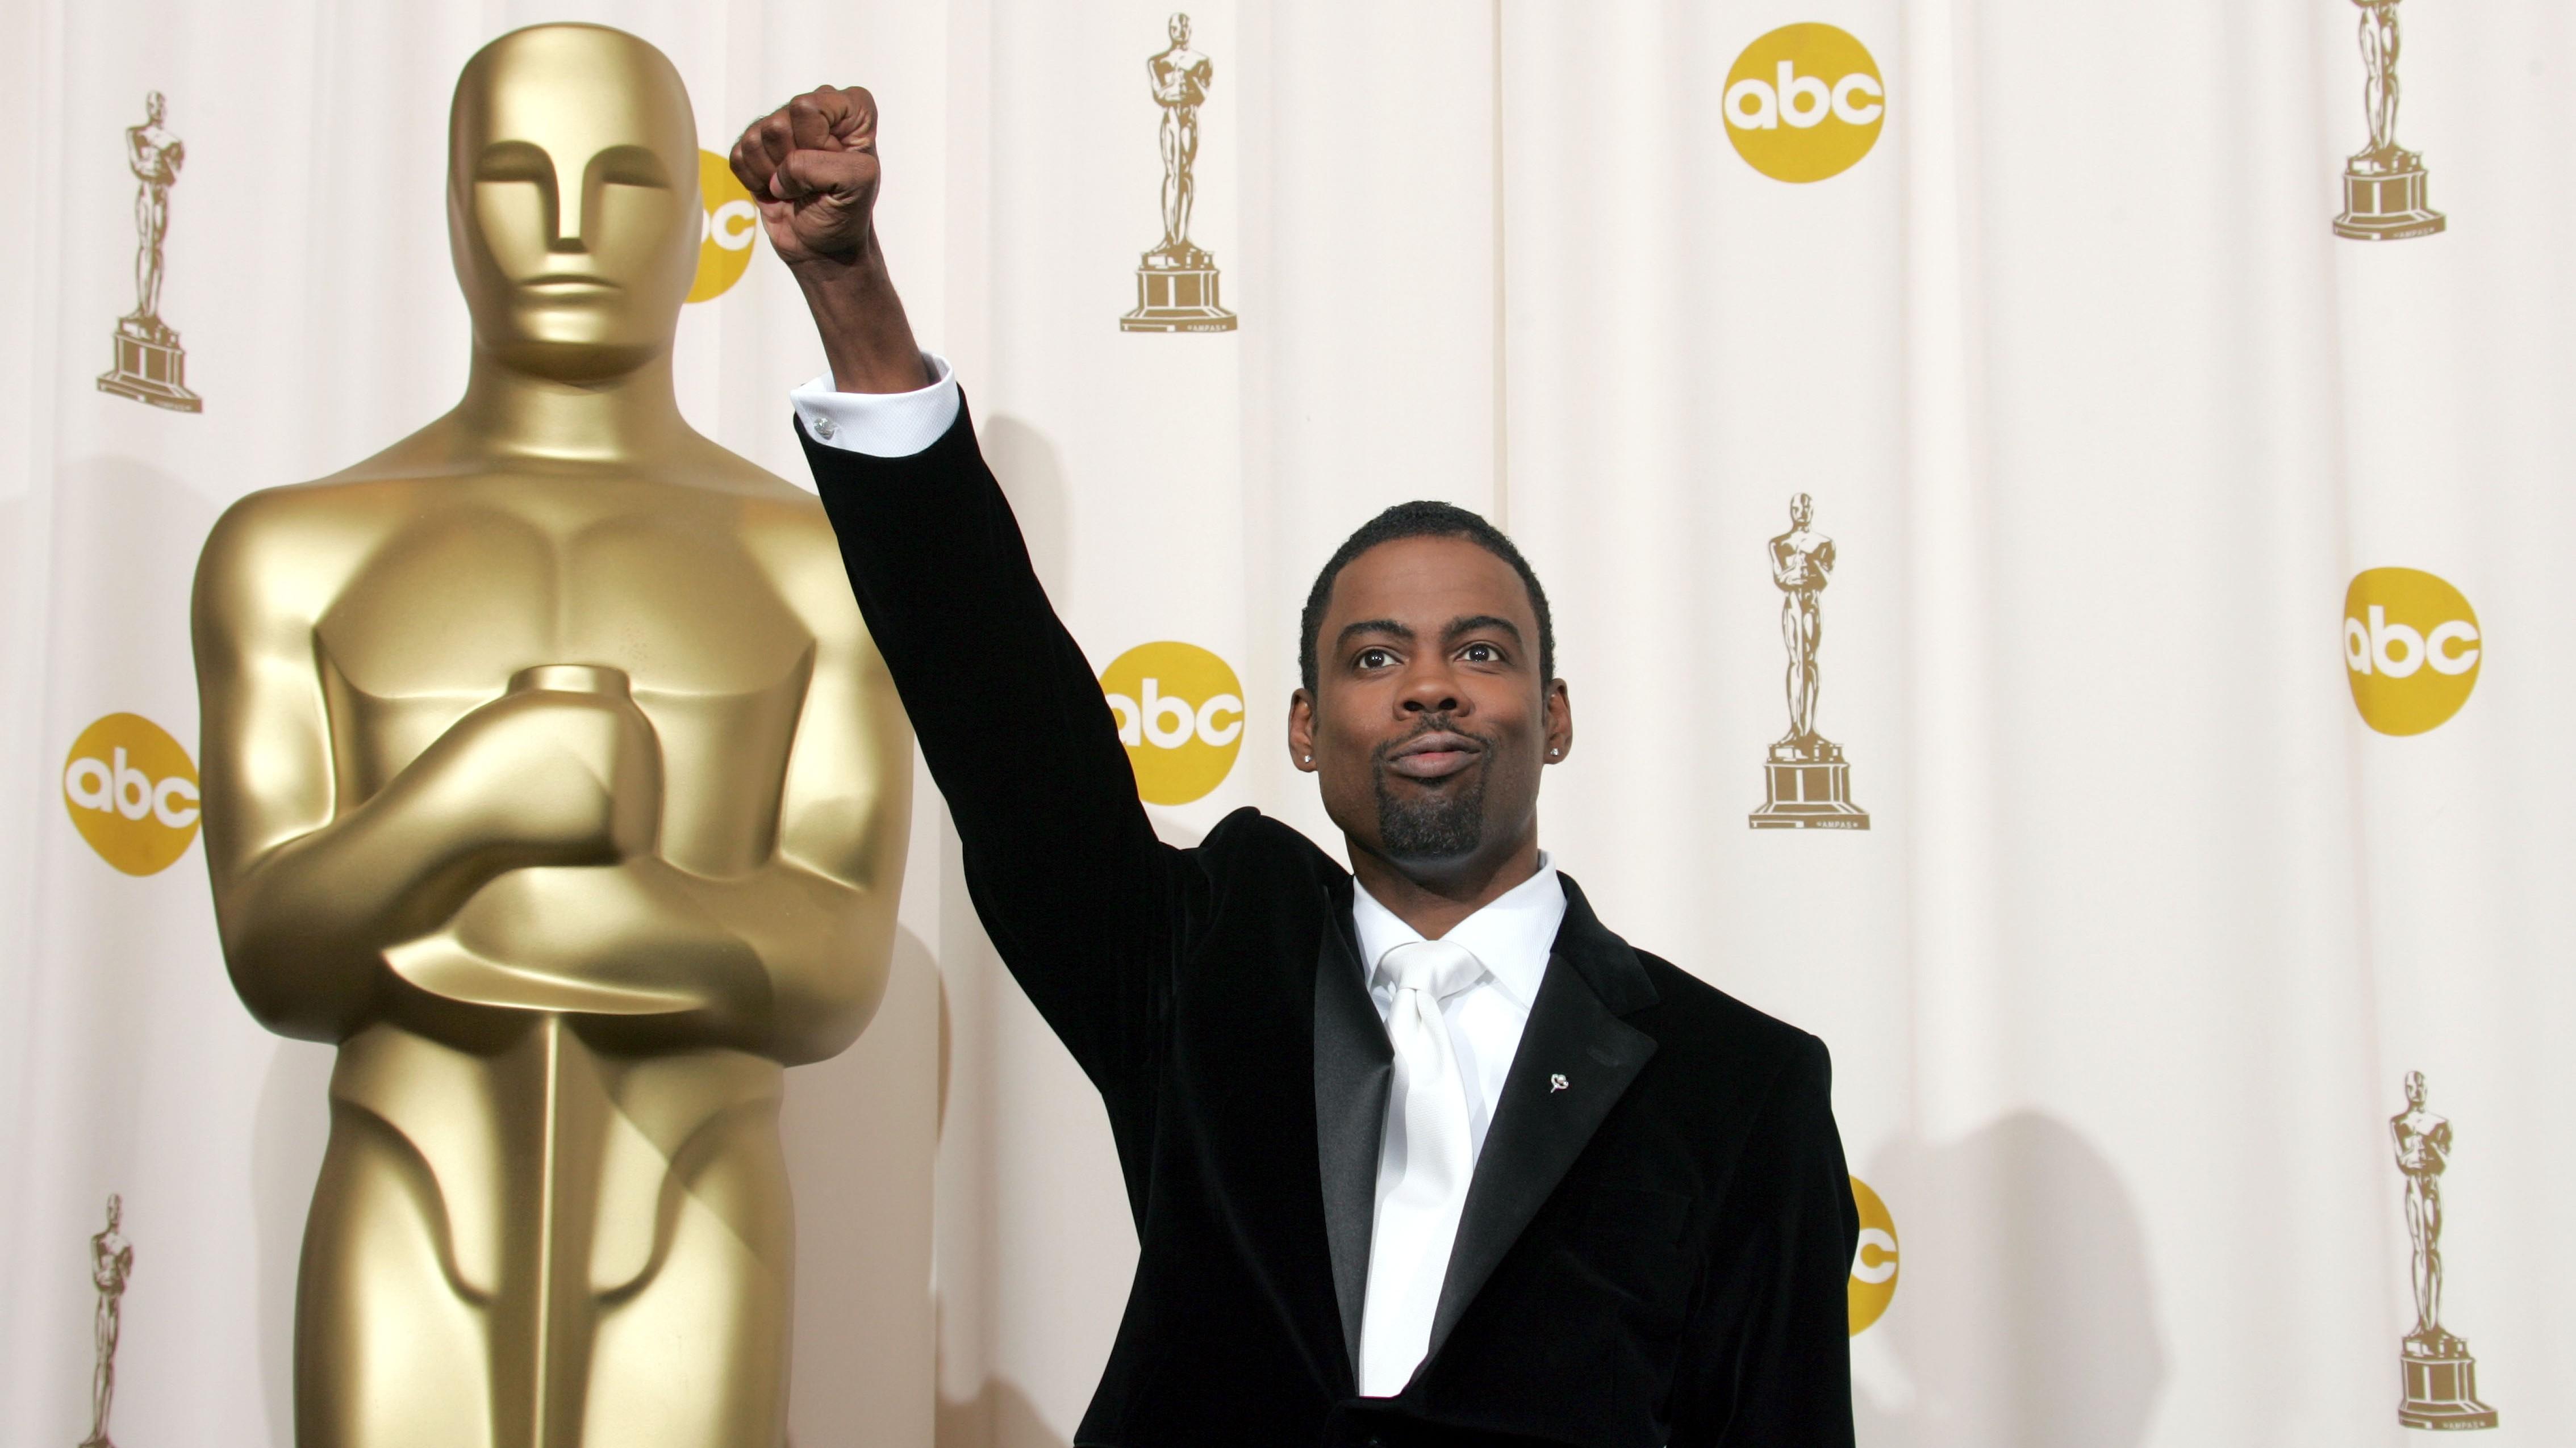 Premios Óscar 2016 host, host de Premios Óscar, presentador de los Premios Óscar